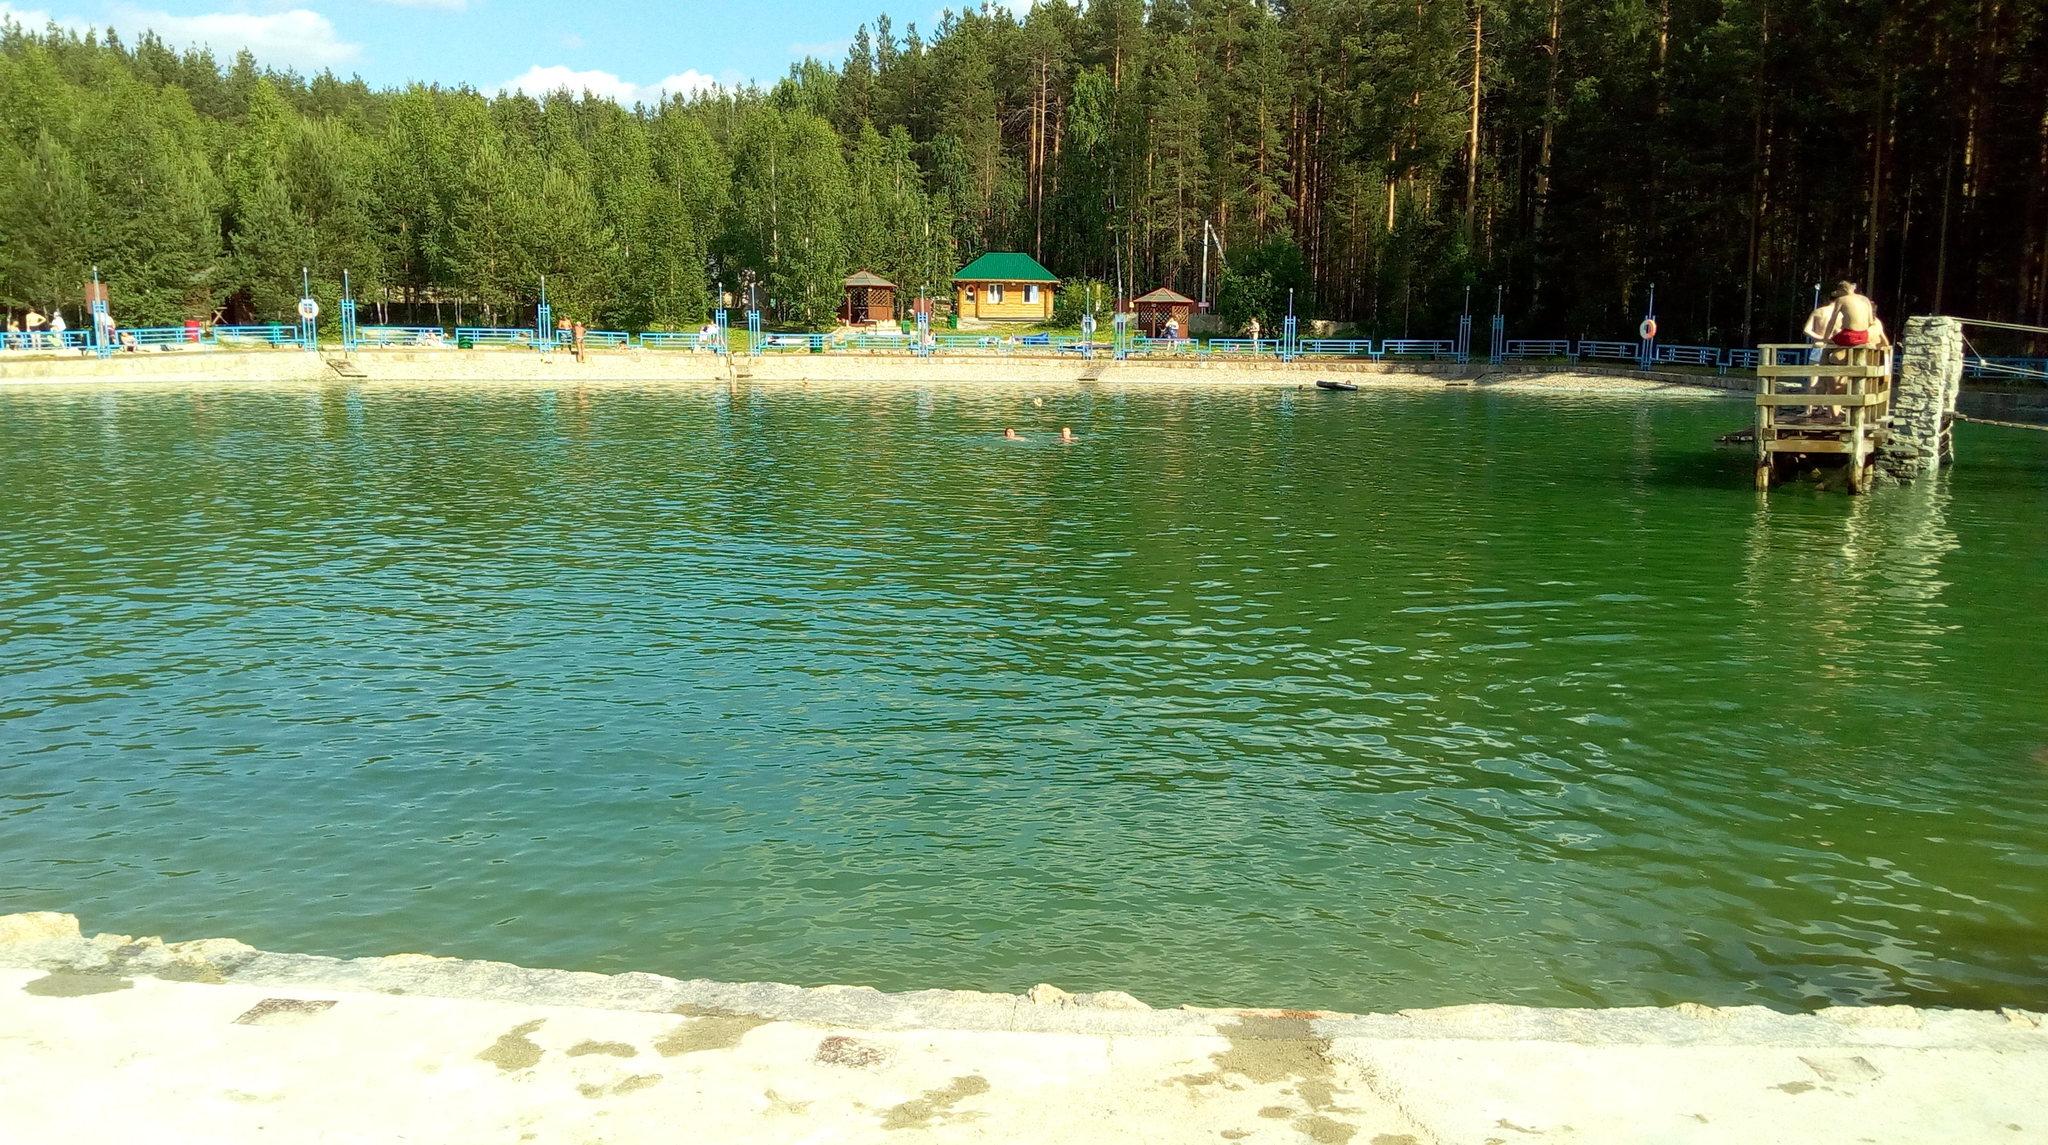 Безопасно купаться в водоемах только трети баз отдыха в ВКО